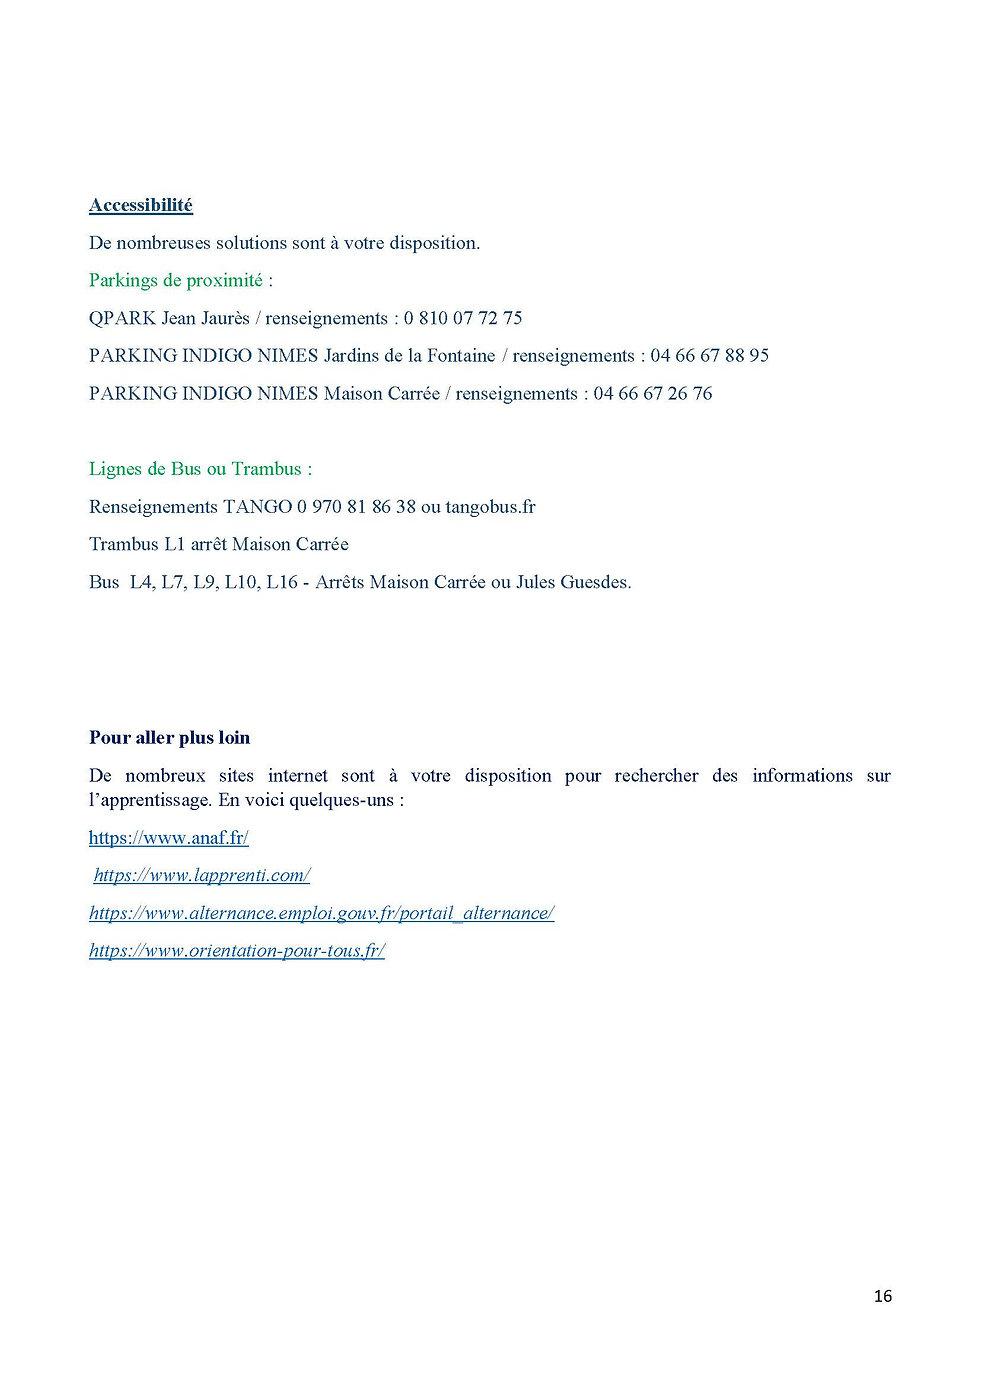 LIVRET D'ACCUEIL BTS CI_Page_16.jpg